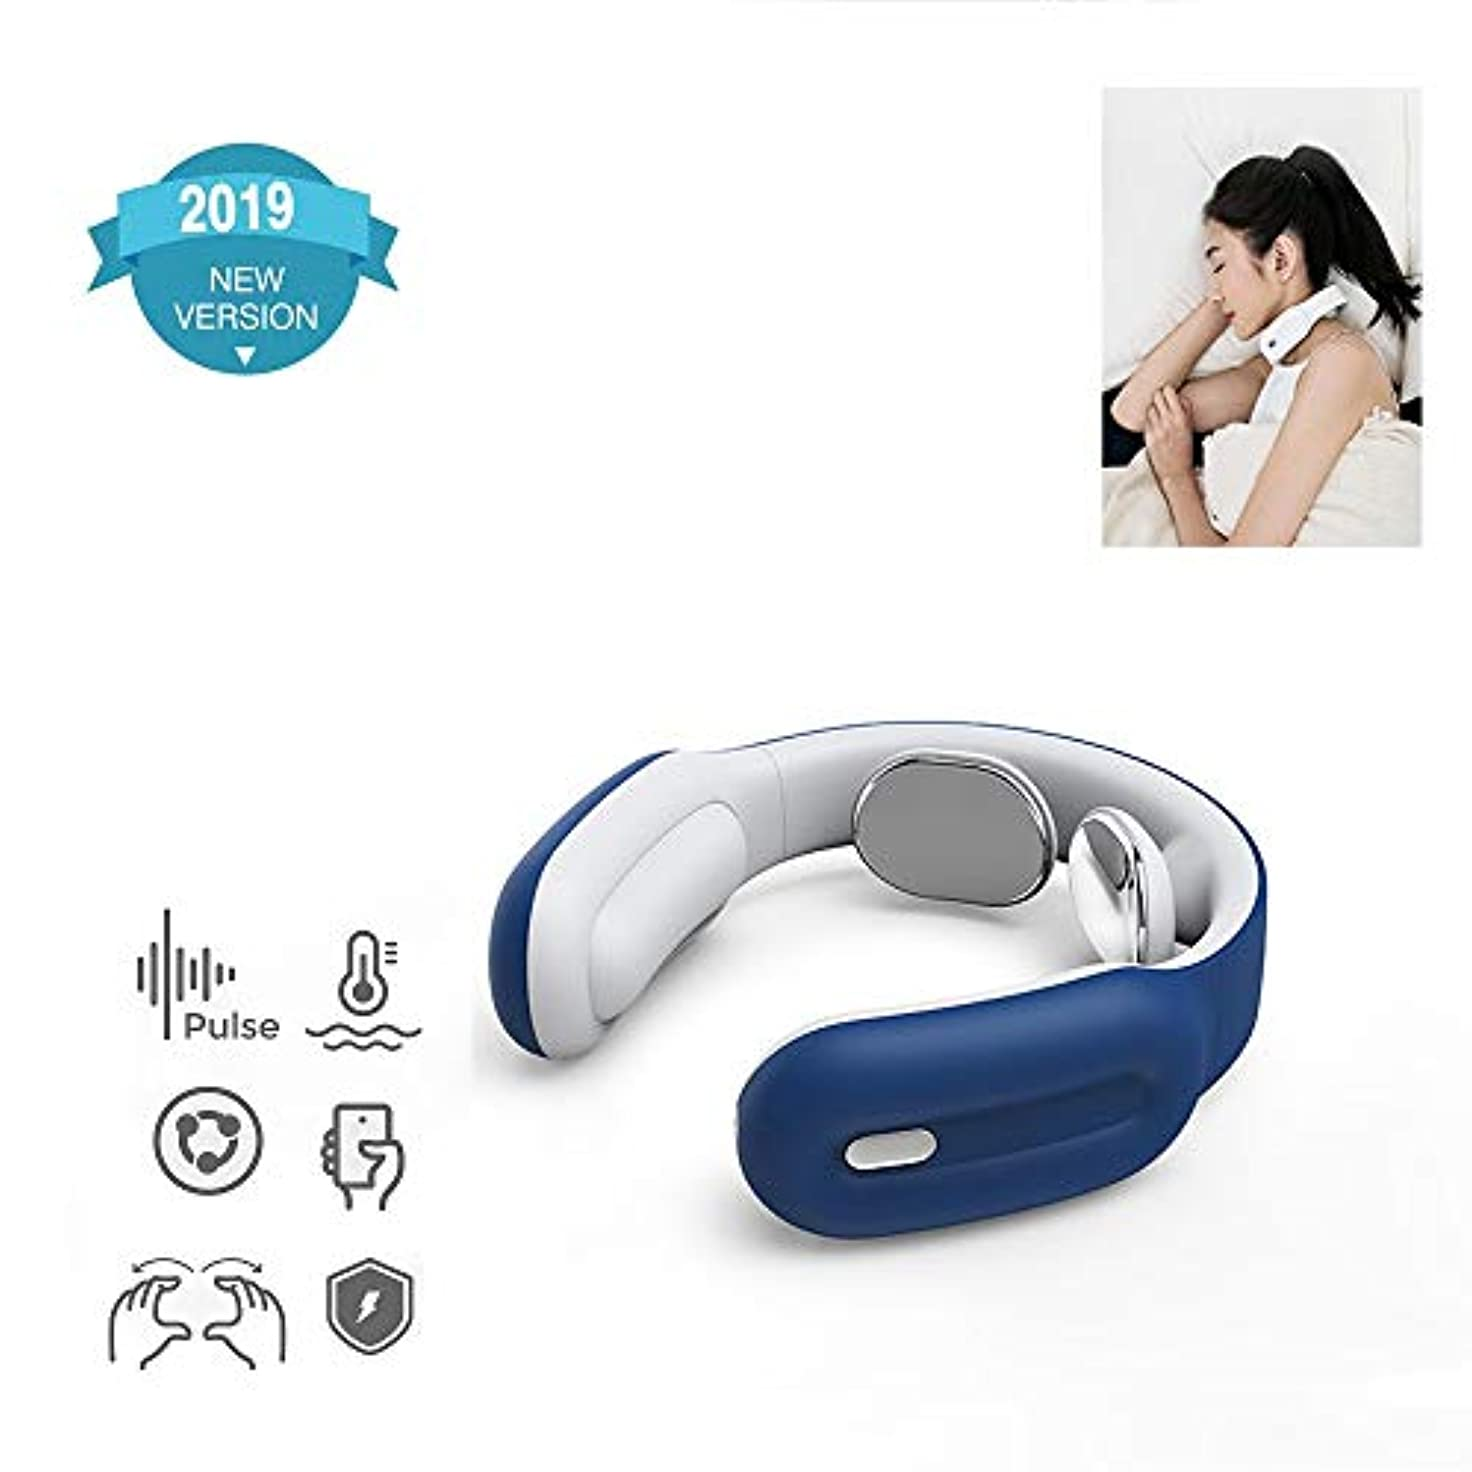 明るいビート収まる背中の指圧と背中の肩のマッサージャー、スマートネックマッサージャー、背中の筋肉のための電動パルスネックマッサージャーBlue